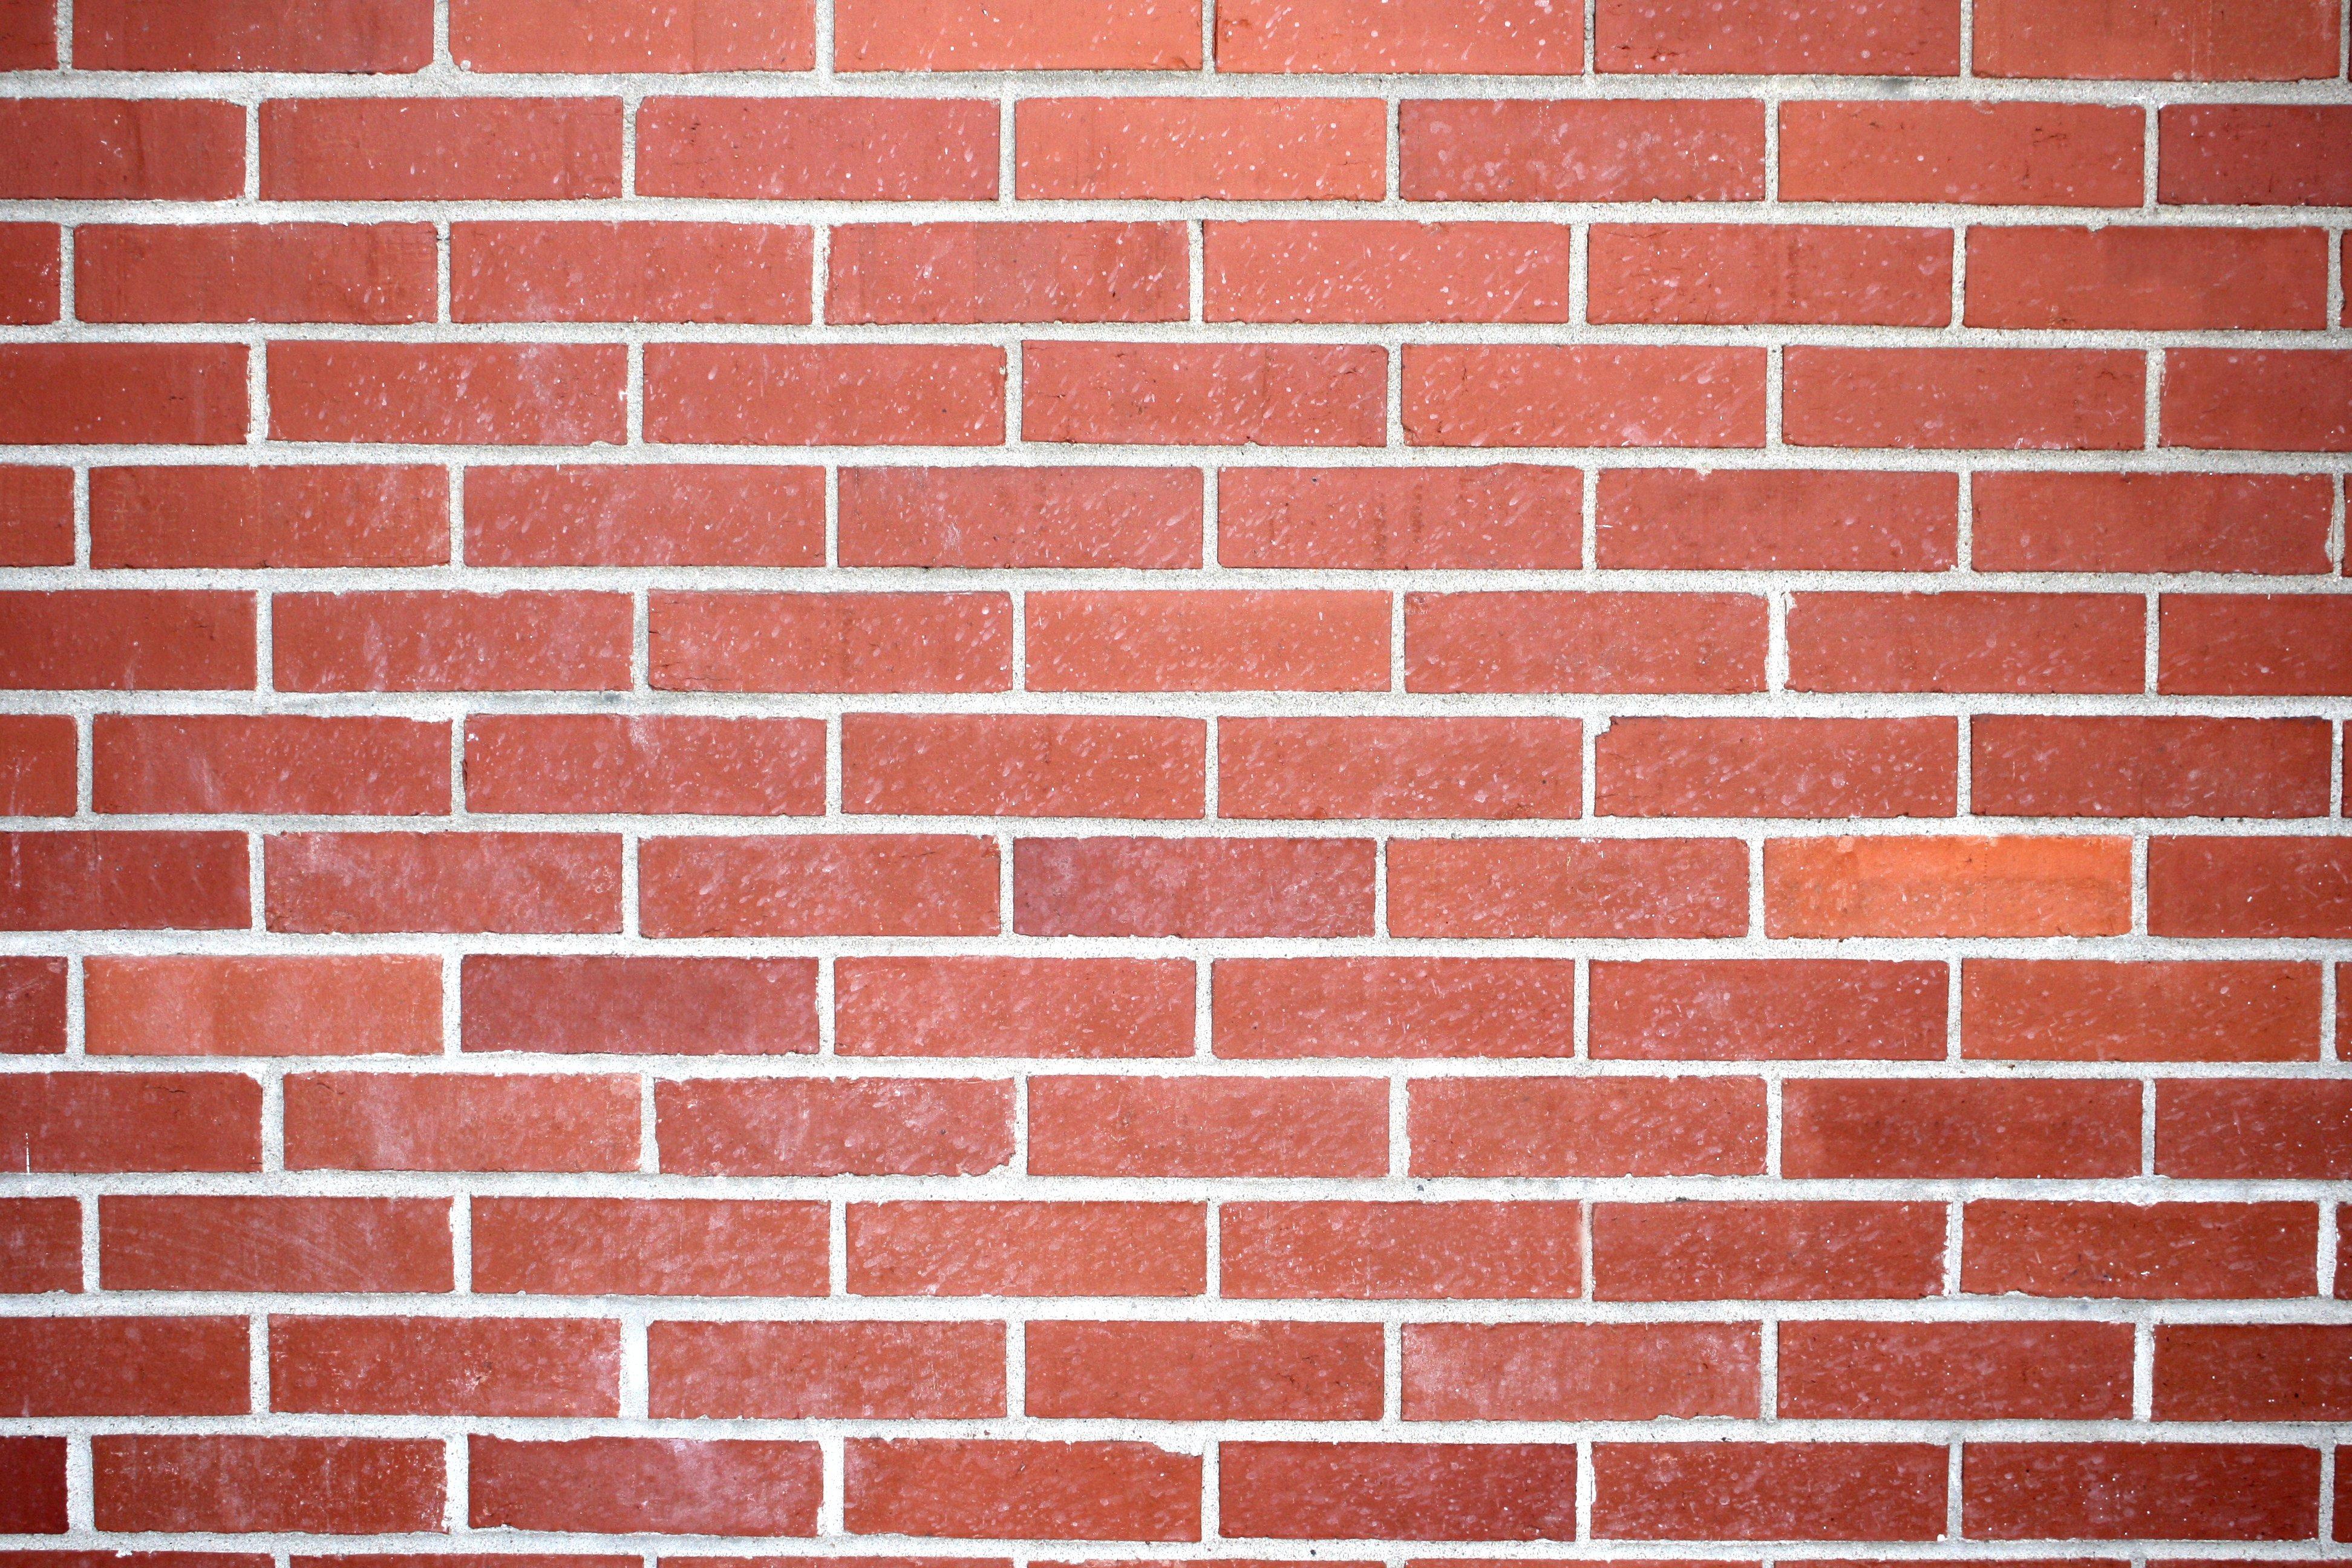 Brick Wallpaper Clipart.